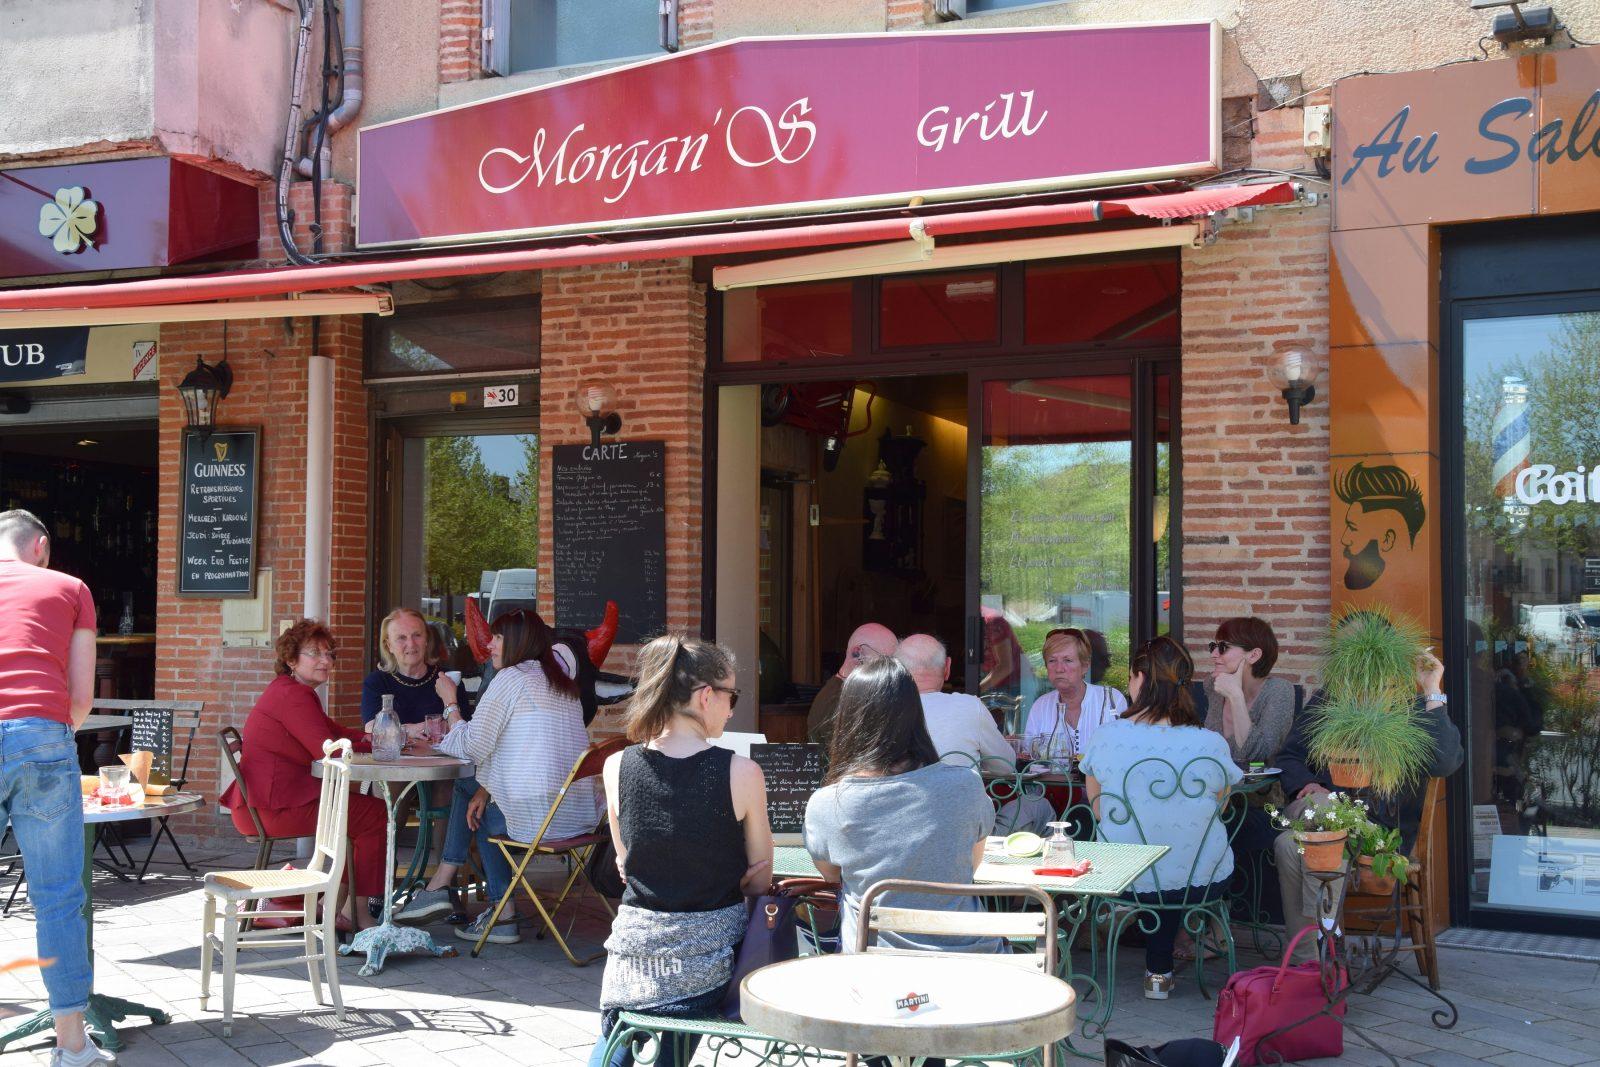 Morgan's Grill